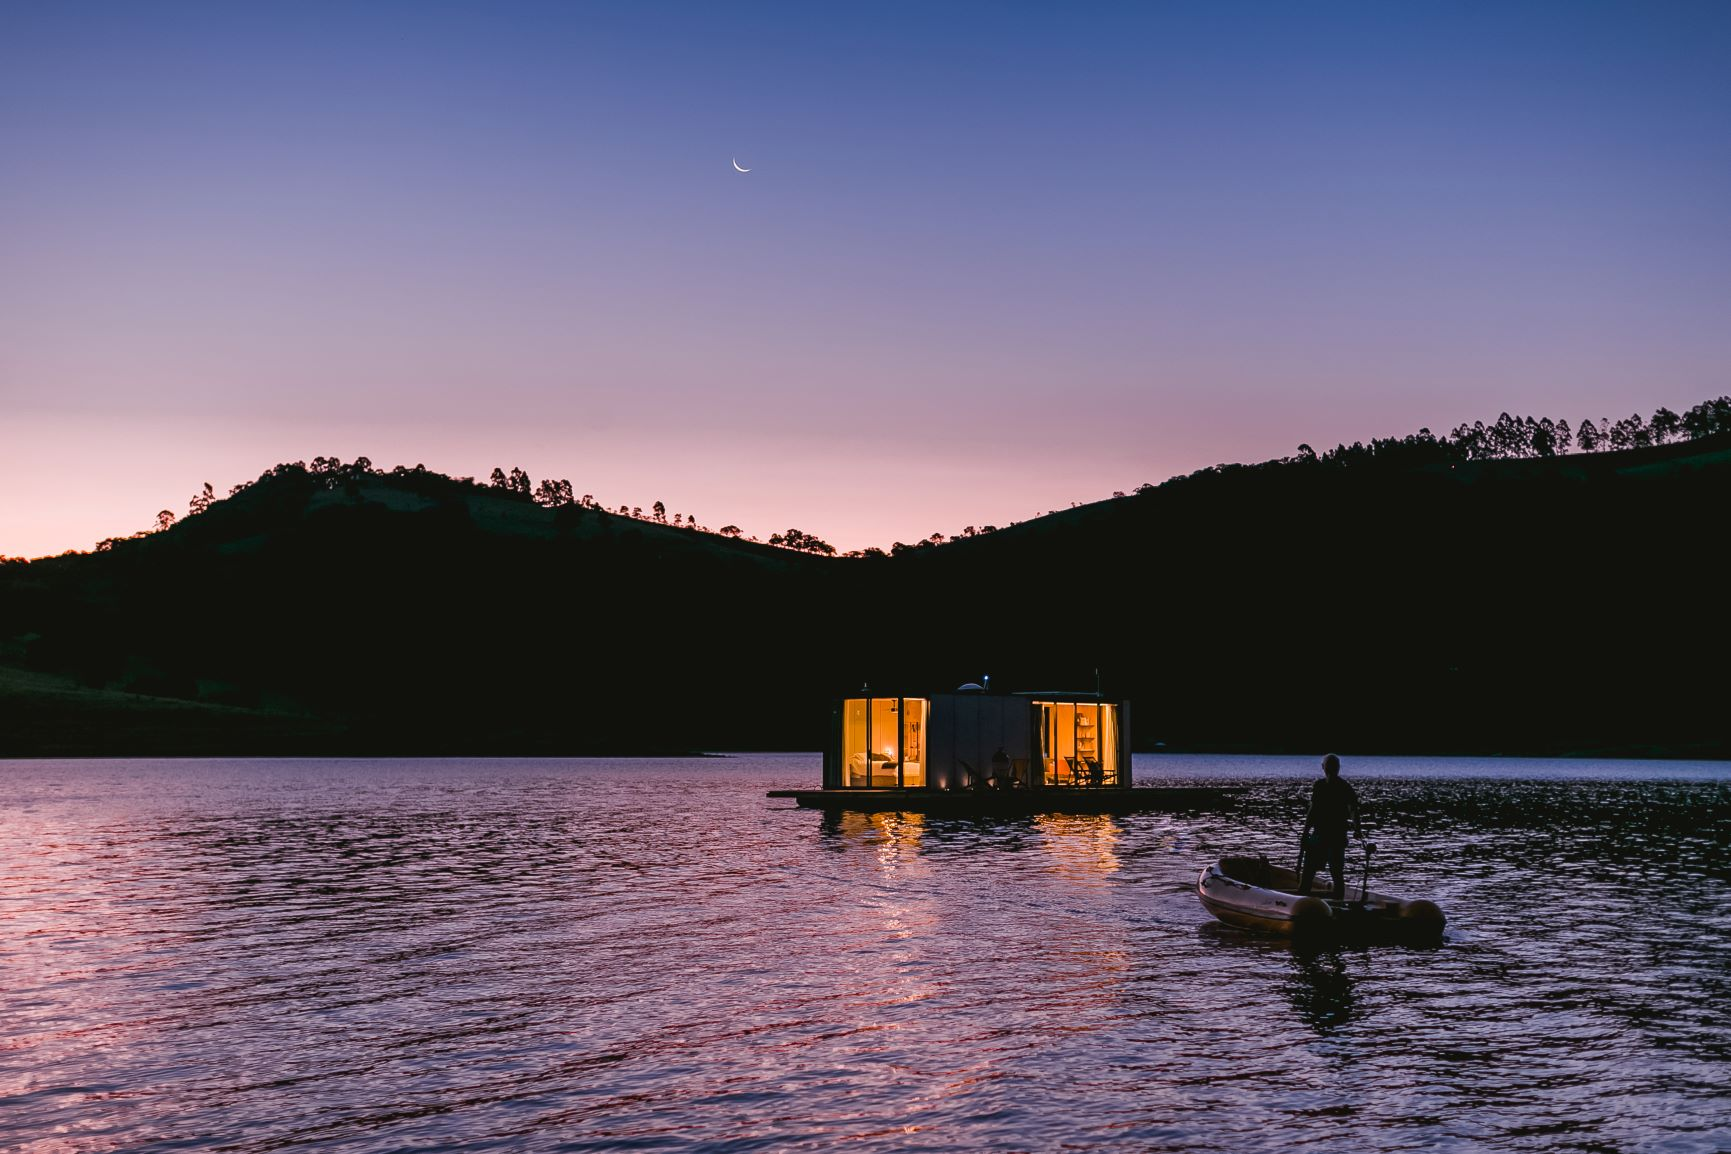 Casa flutuante, atração sustentável: capaz de captar água, tratar o esgoto, gerar energia (através de energia solar) e transformar lixo orgânico em gás (Foto: Divulgação)